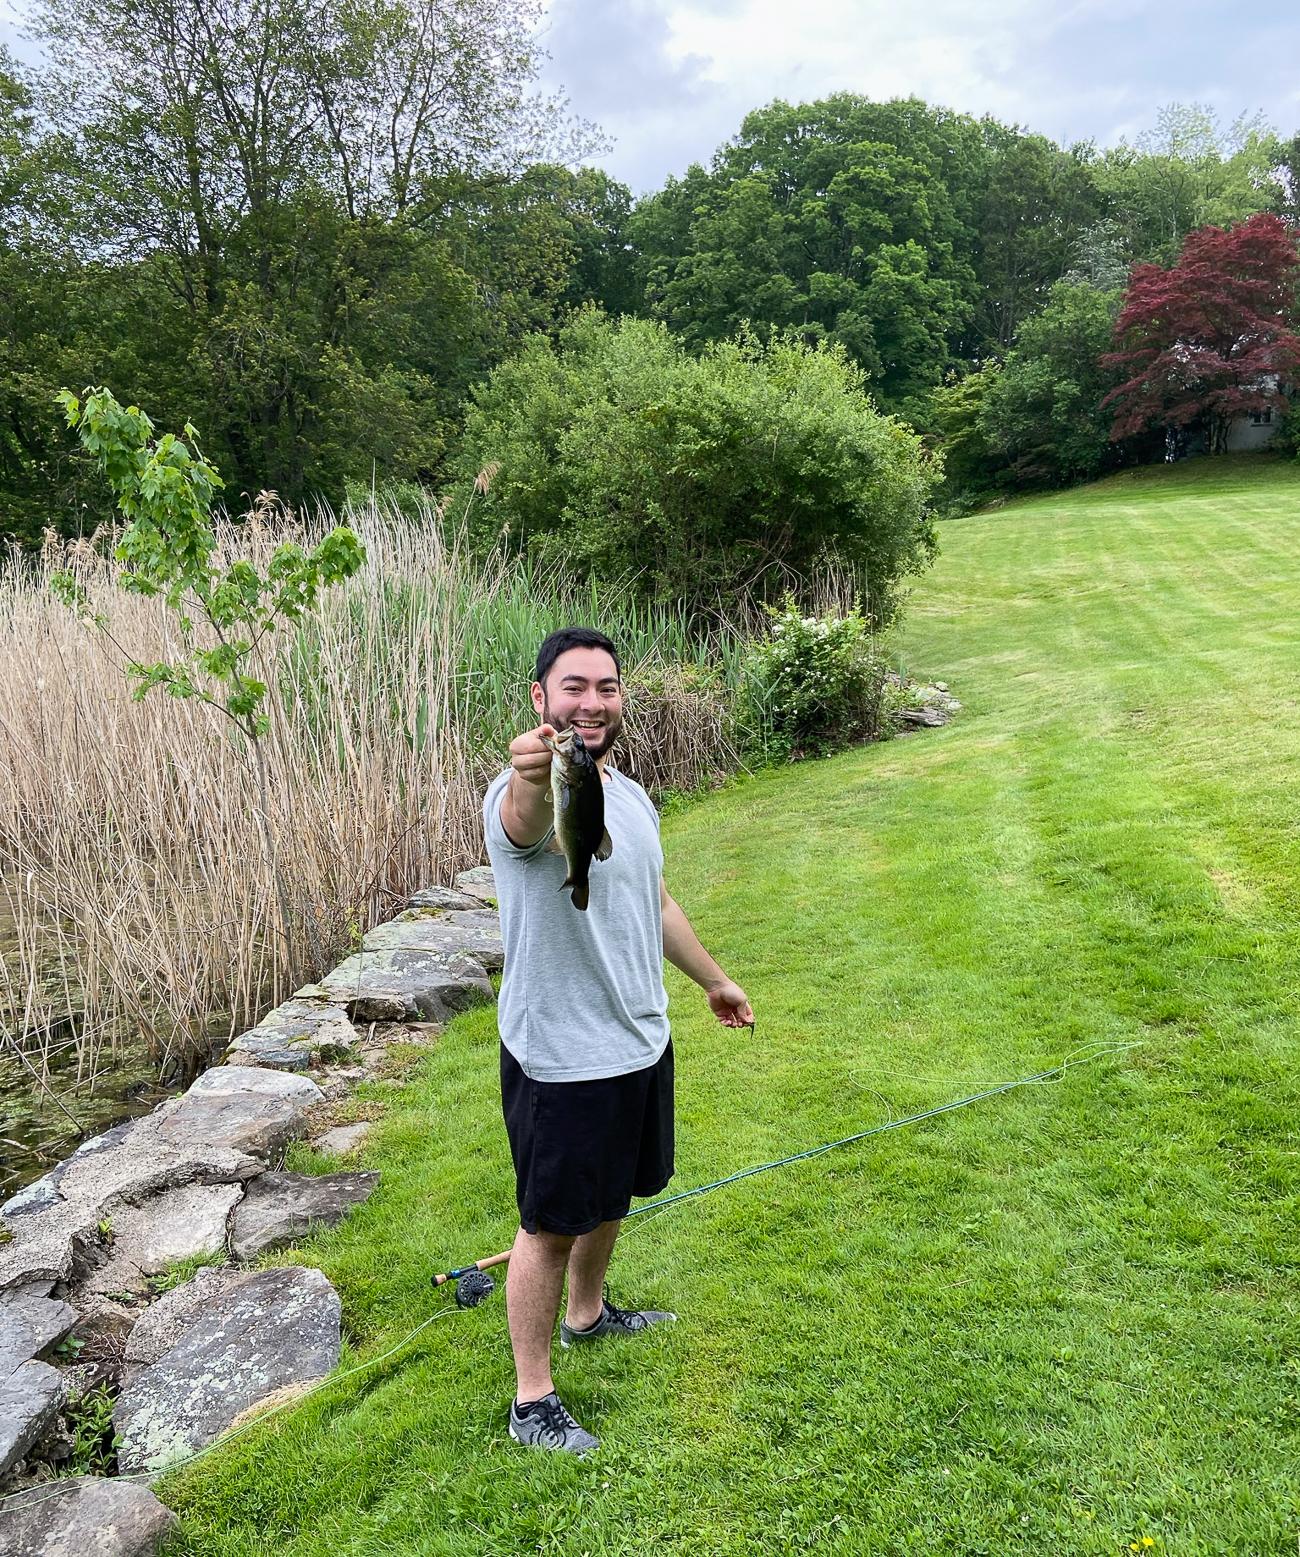 Chris holding up a bass